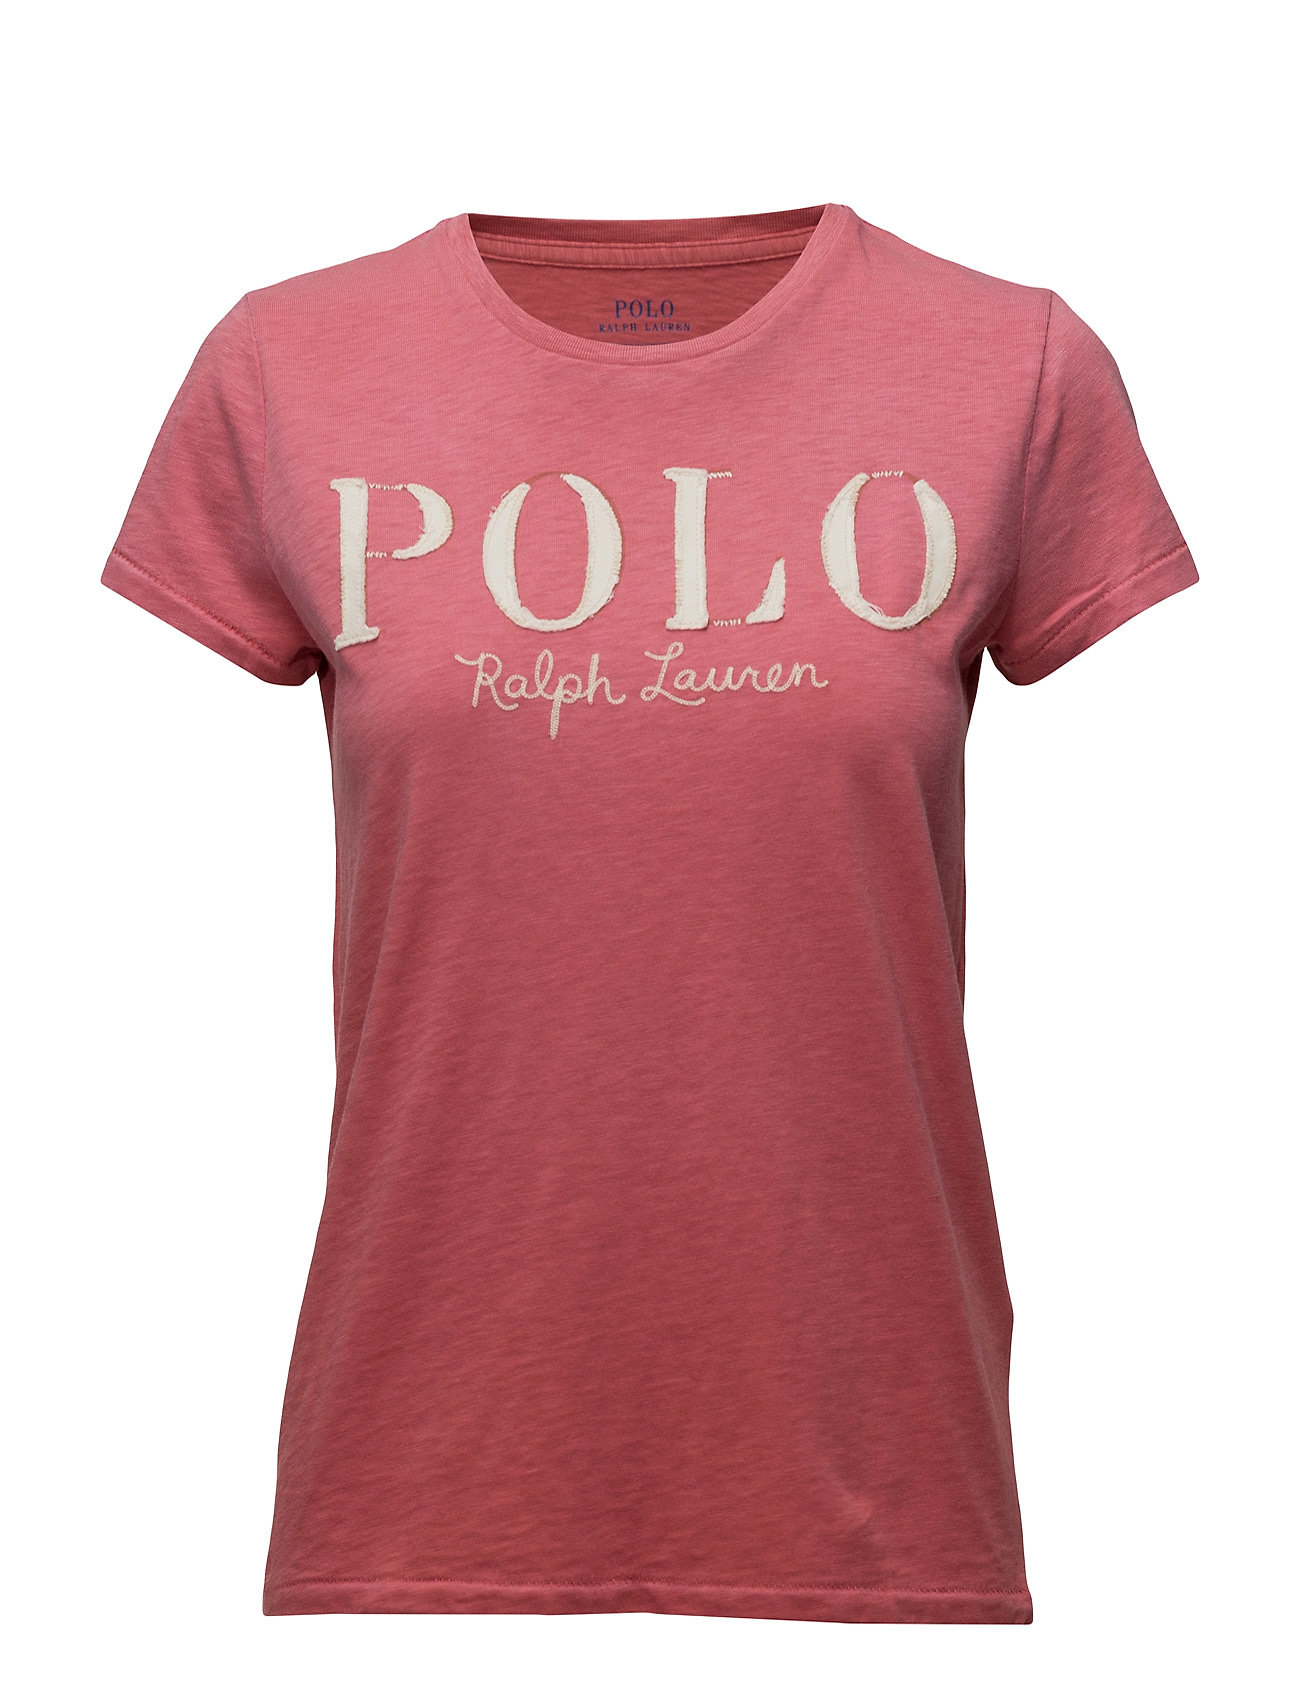 Polo Ralph Lauren Cotton Jersey Polo Tee